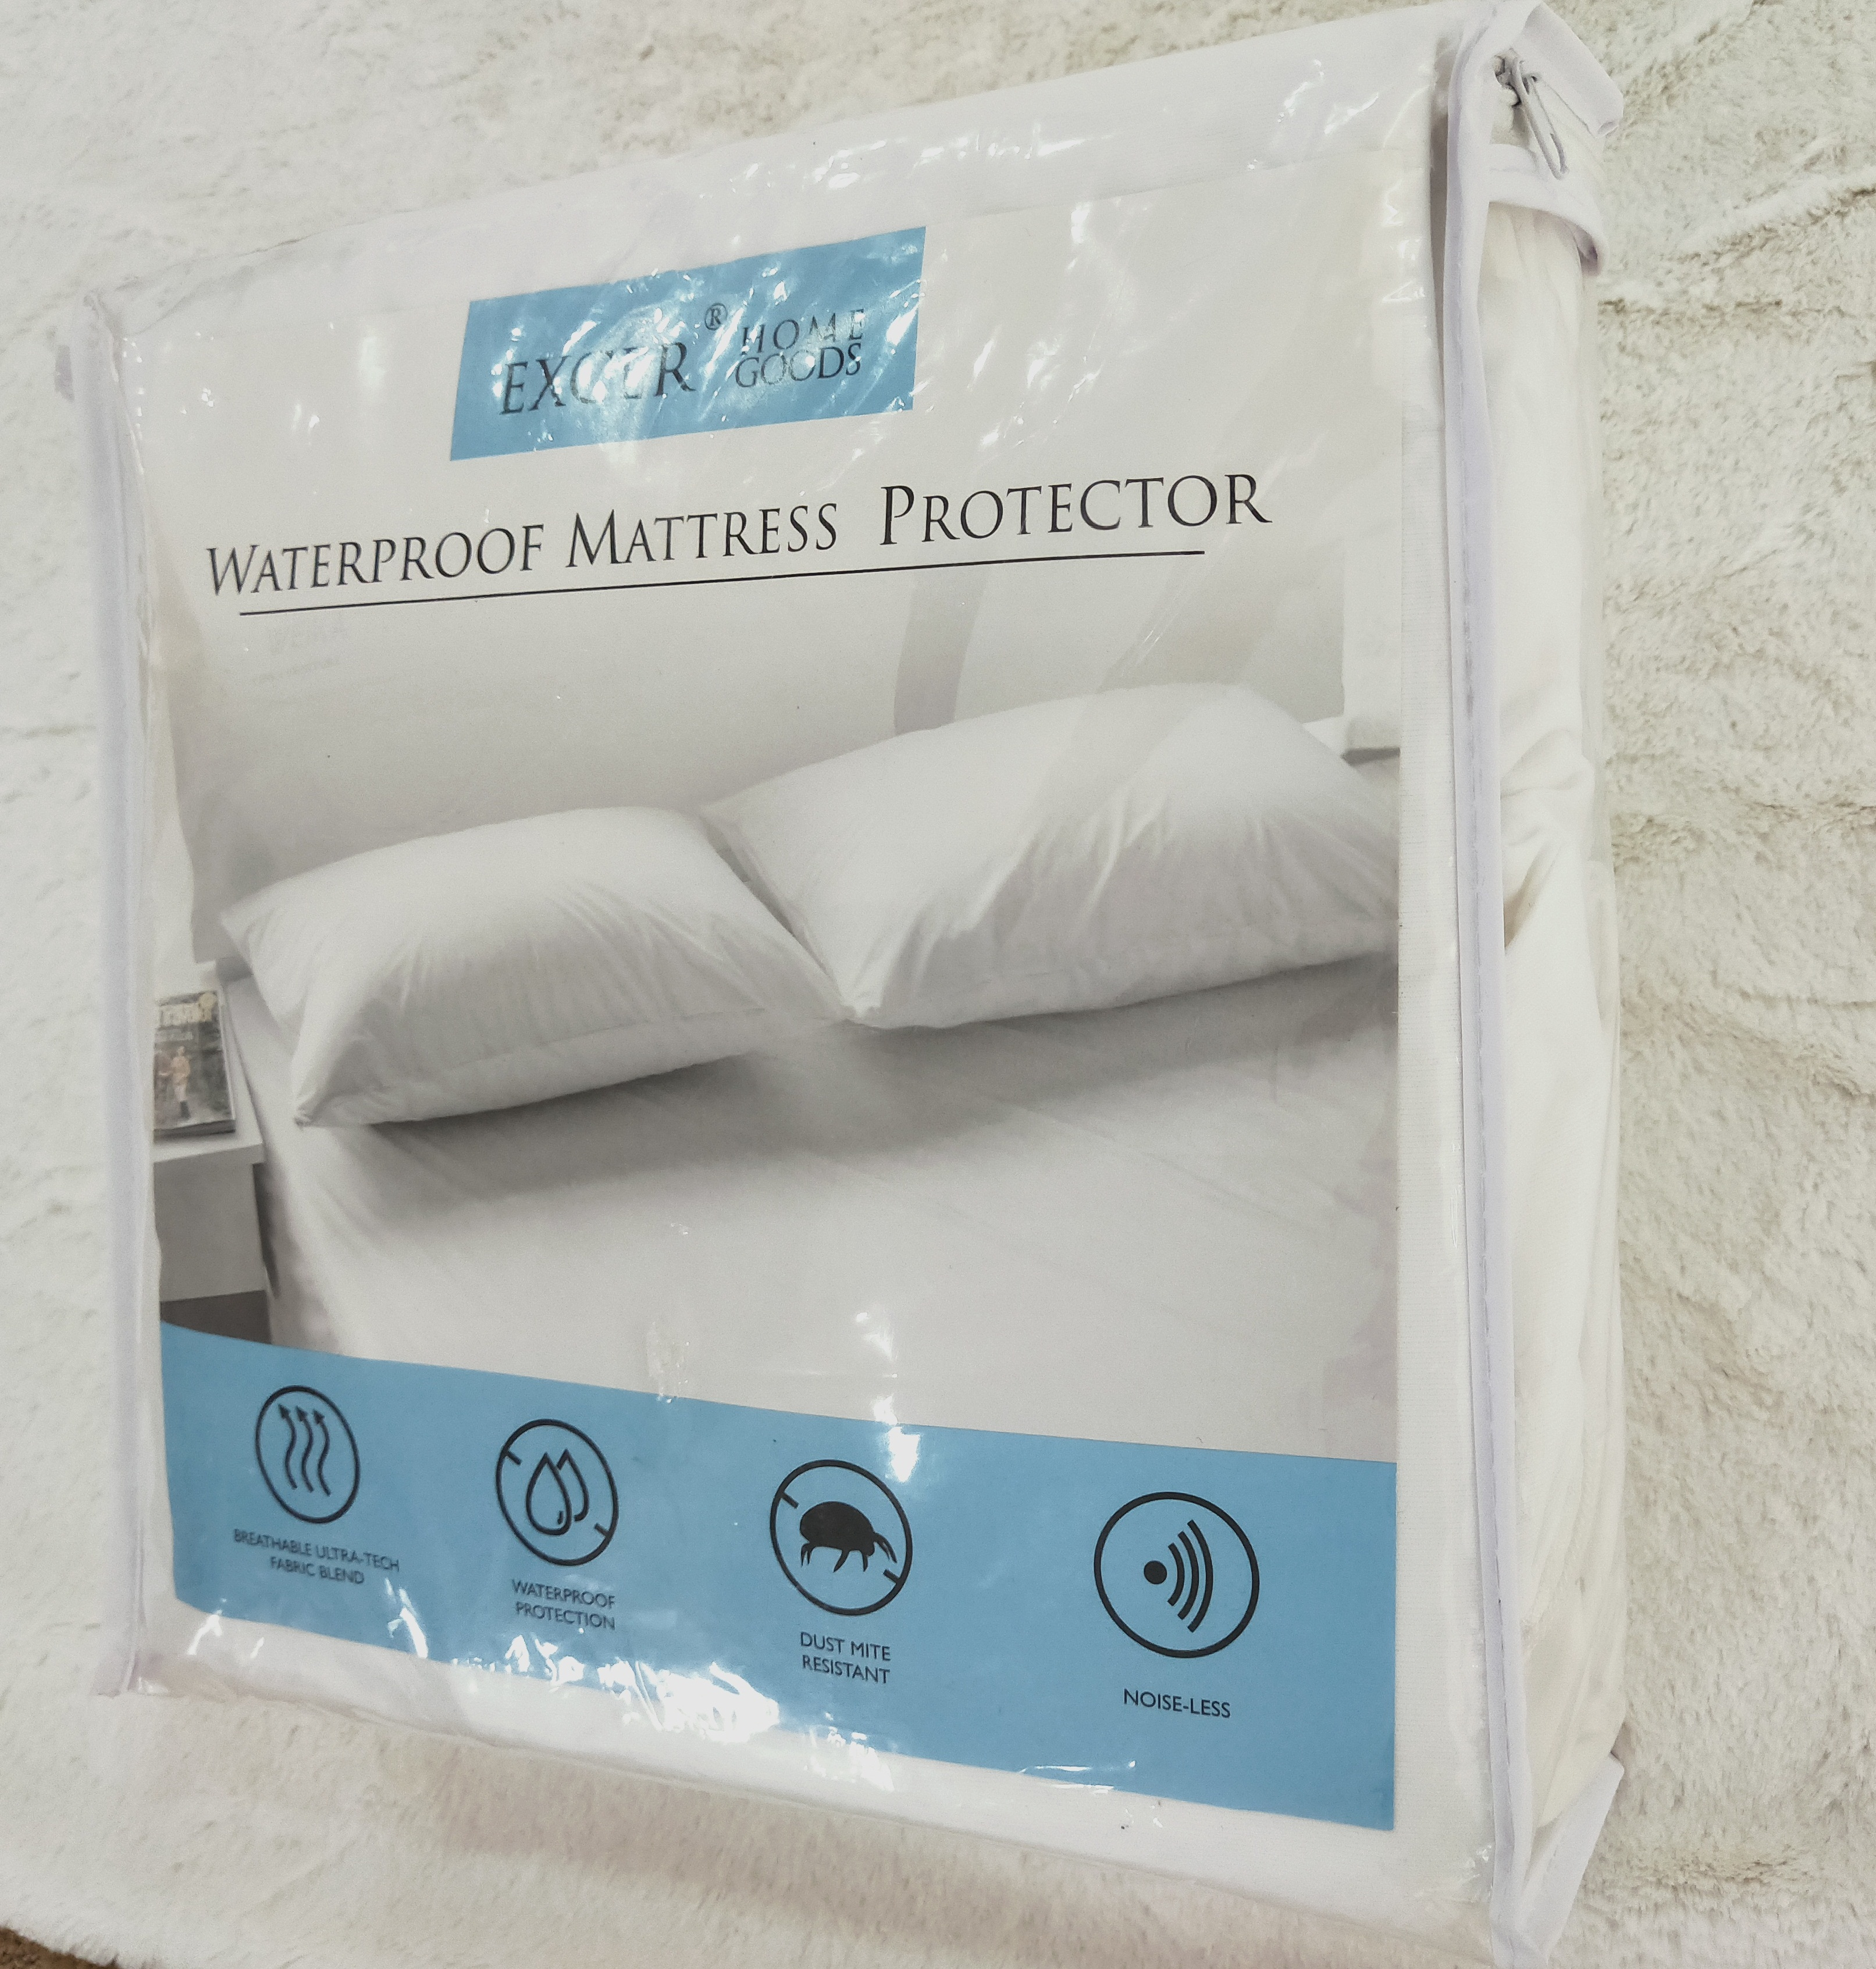 Натяжная простыня из 100% хлопка с махровой тканью для постельного белья, чехол для матраса, водонепроницаемый протектор матраса